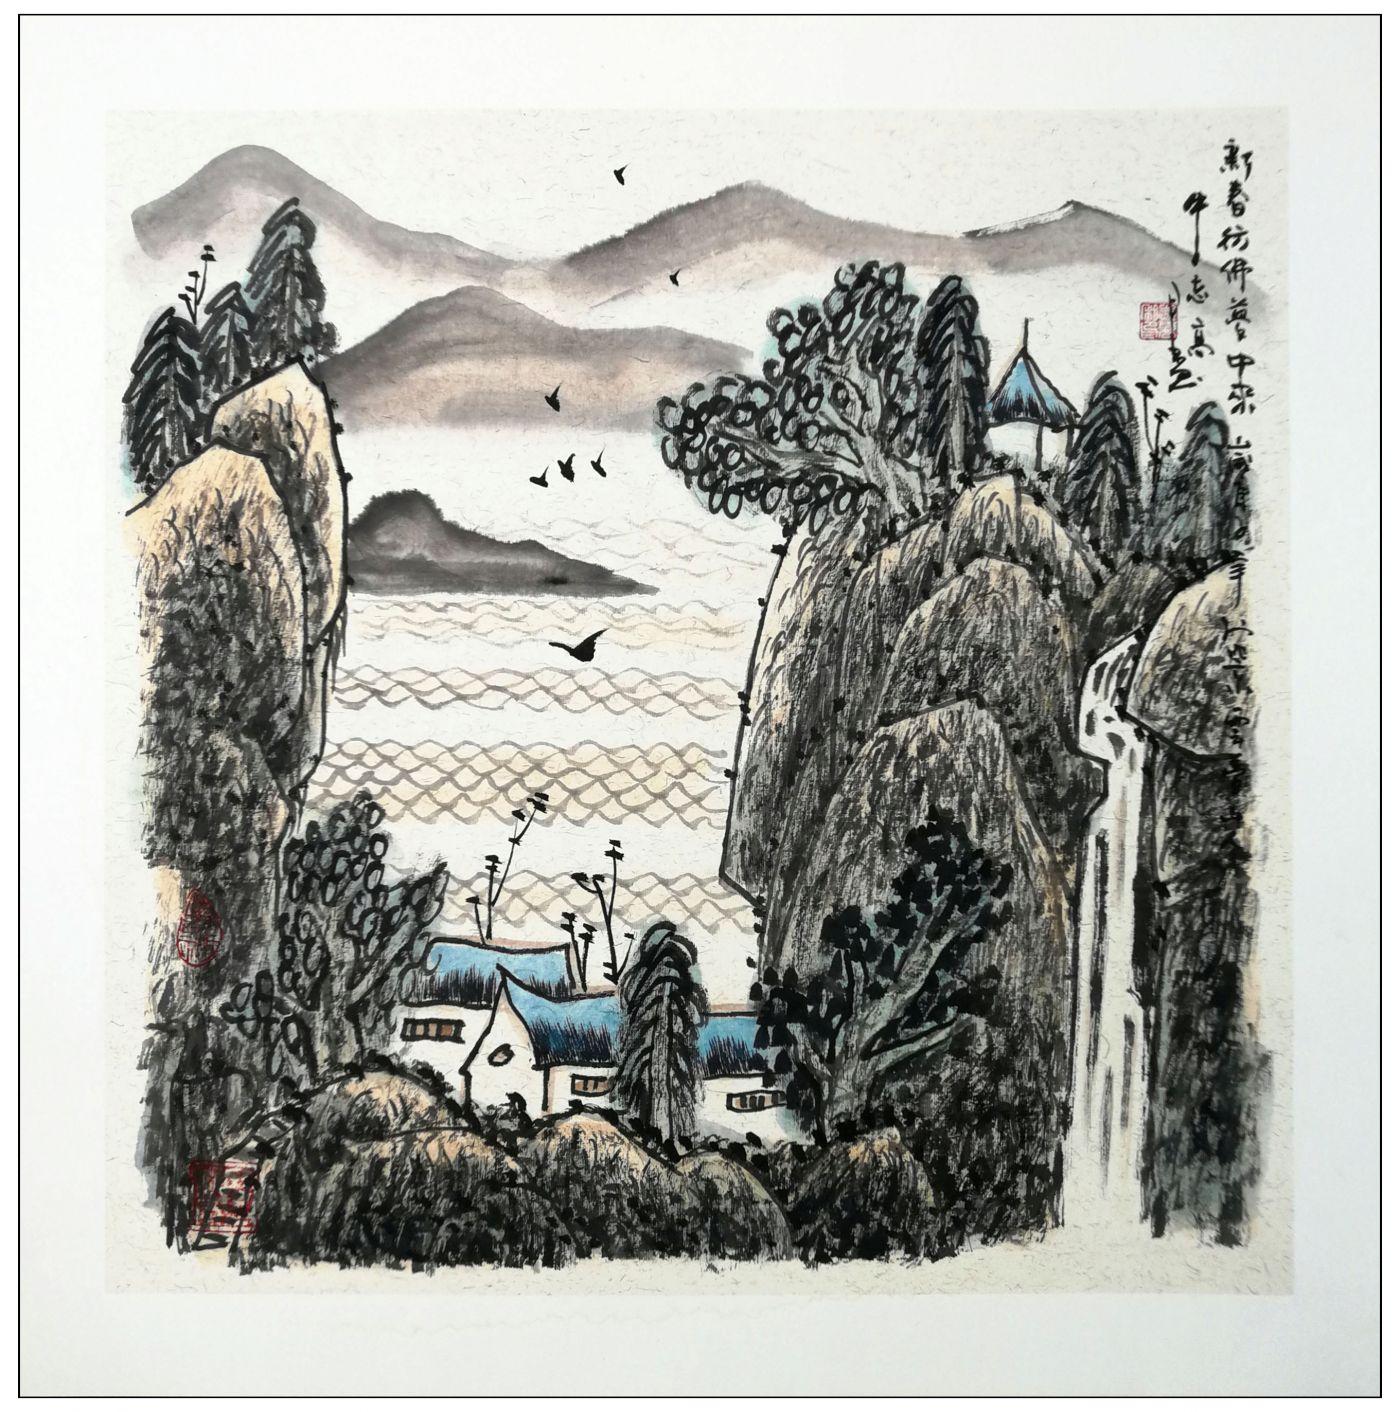 牛志高2020山水画新作-----2020.07.05_图1-11